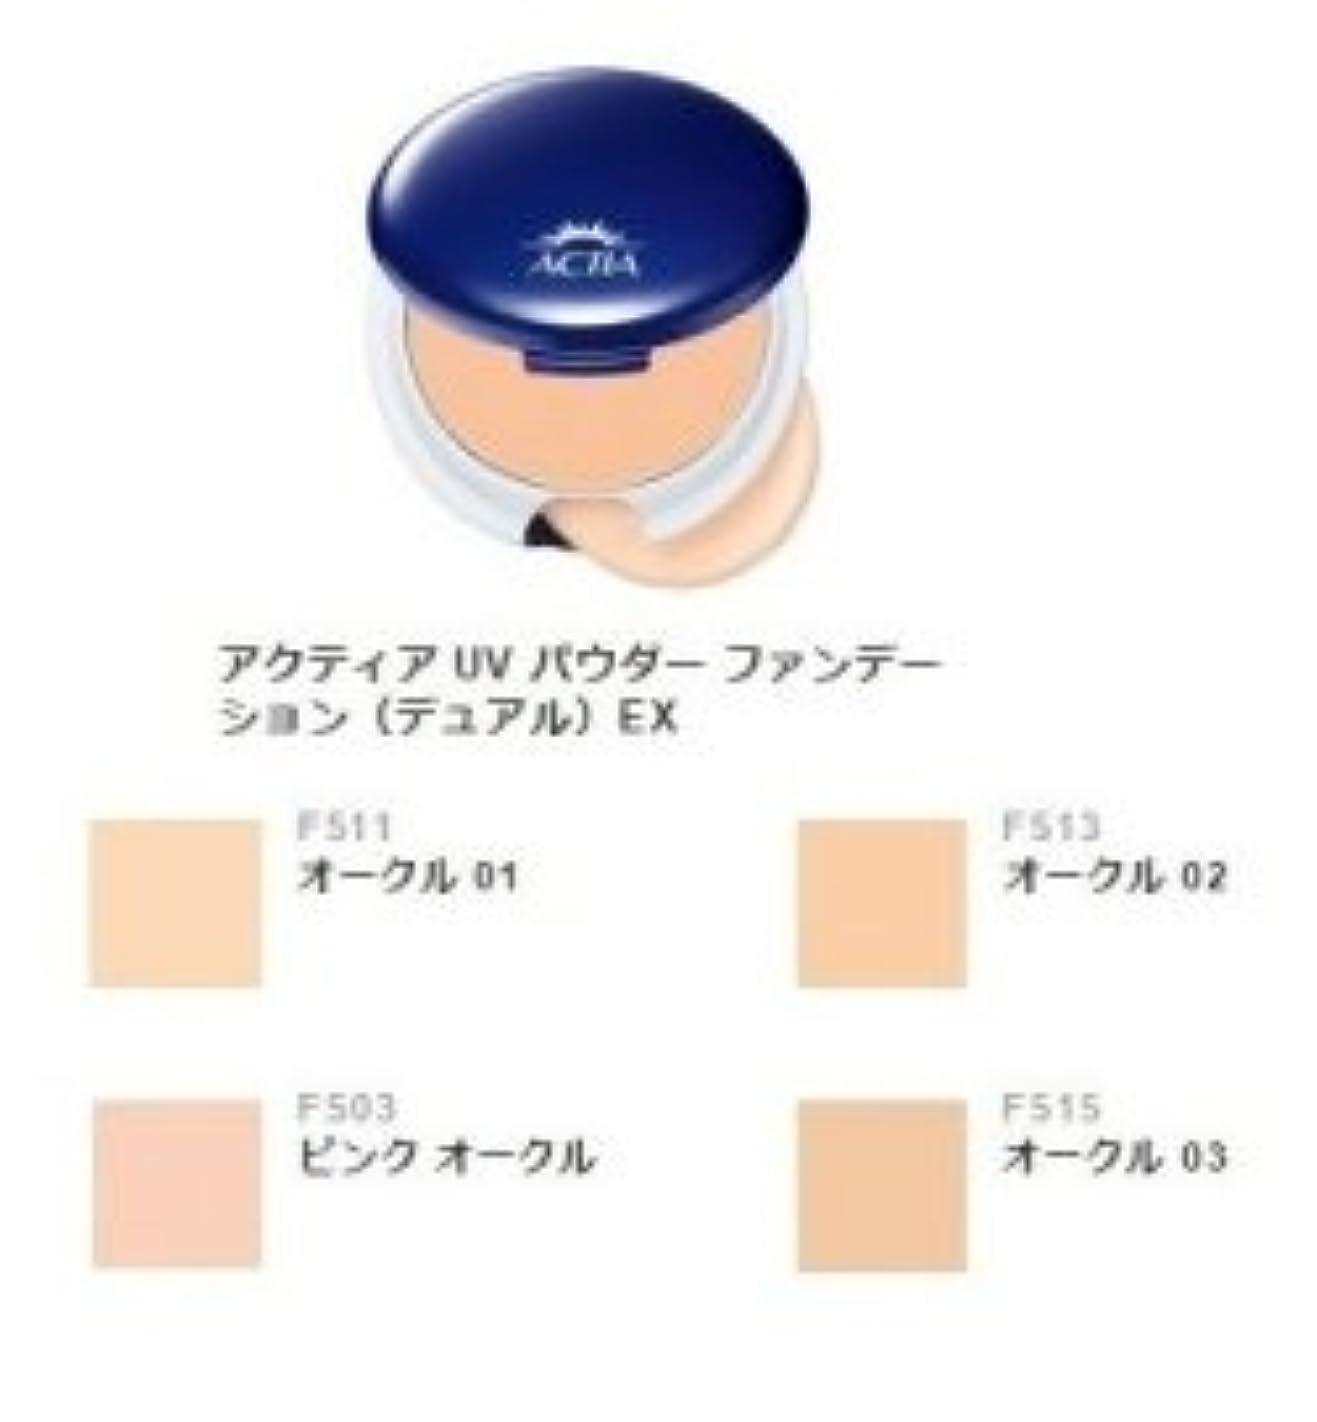 胚キロメートル因子エイボン(AVON) アクティア UV パウダーファンデーション(デュアル)EX(リフィル) F513 オークル02